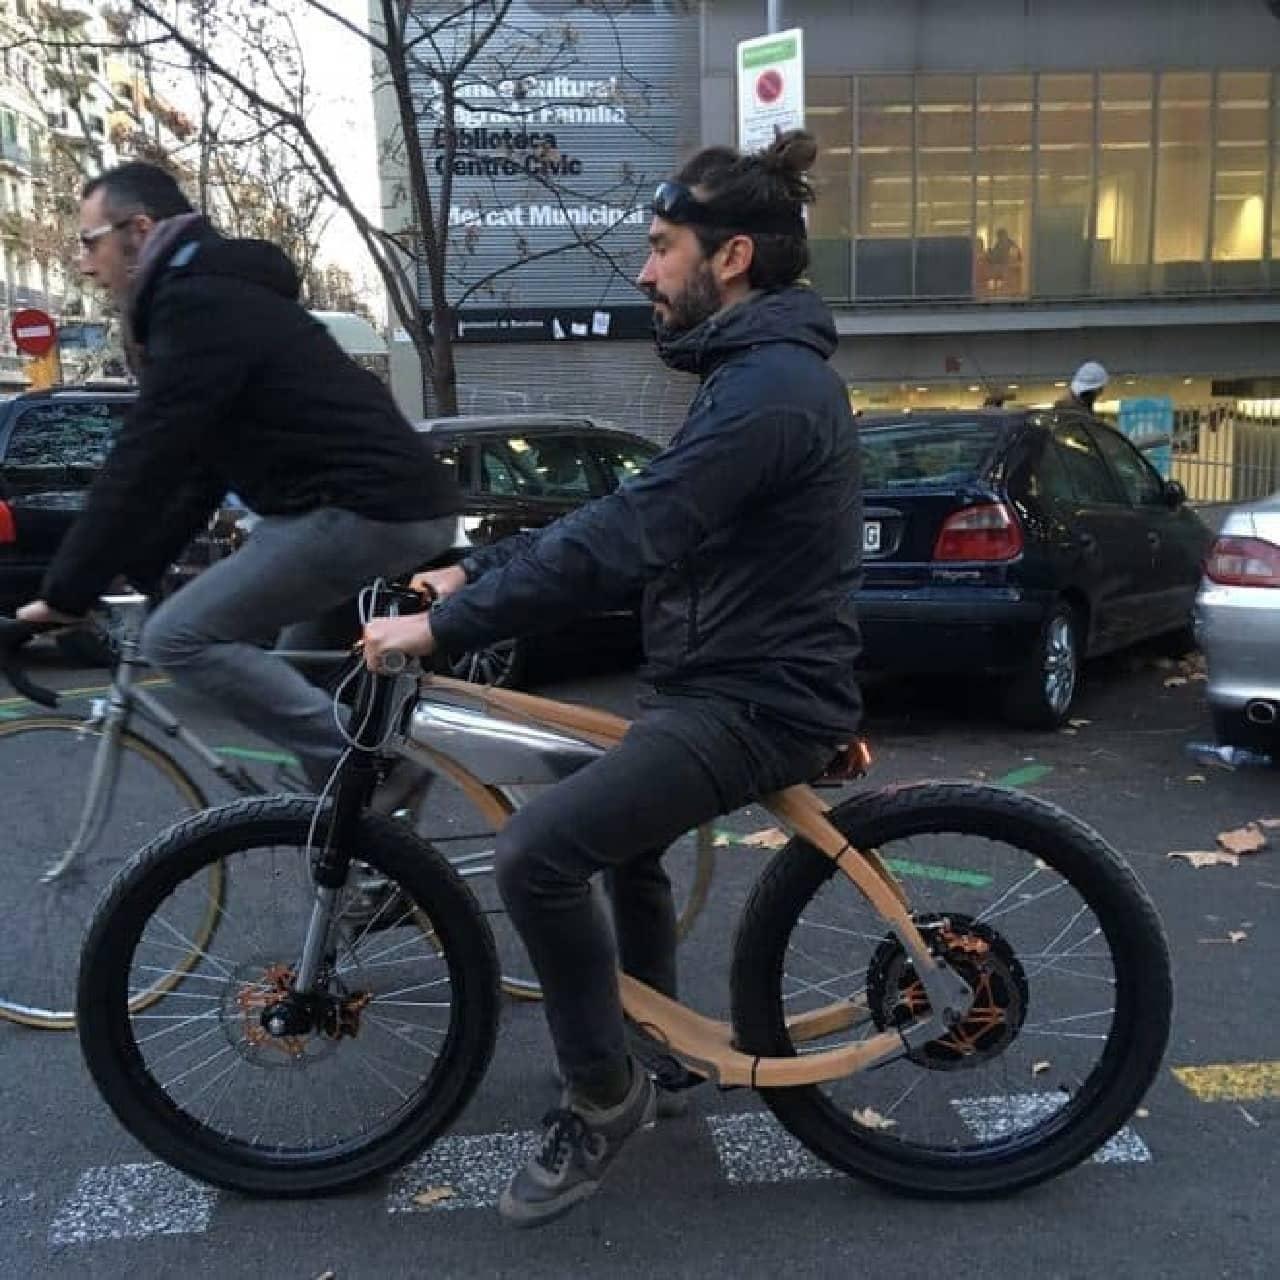 木製フレームを持つ電動バイク「ROCSIE」